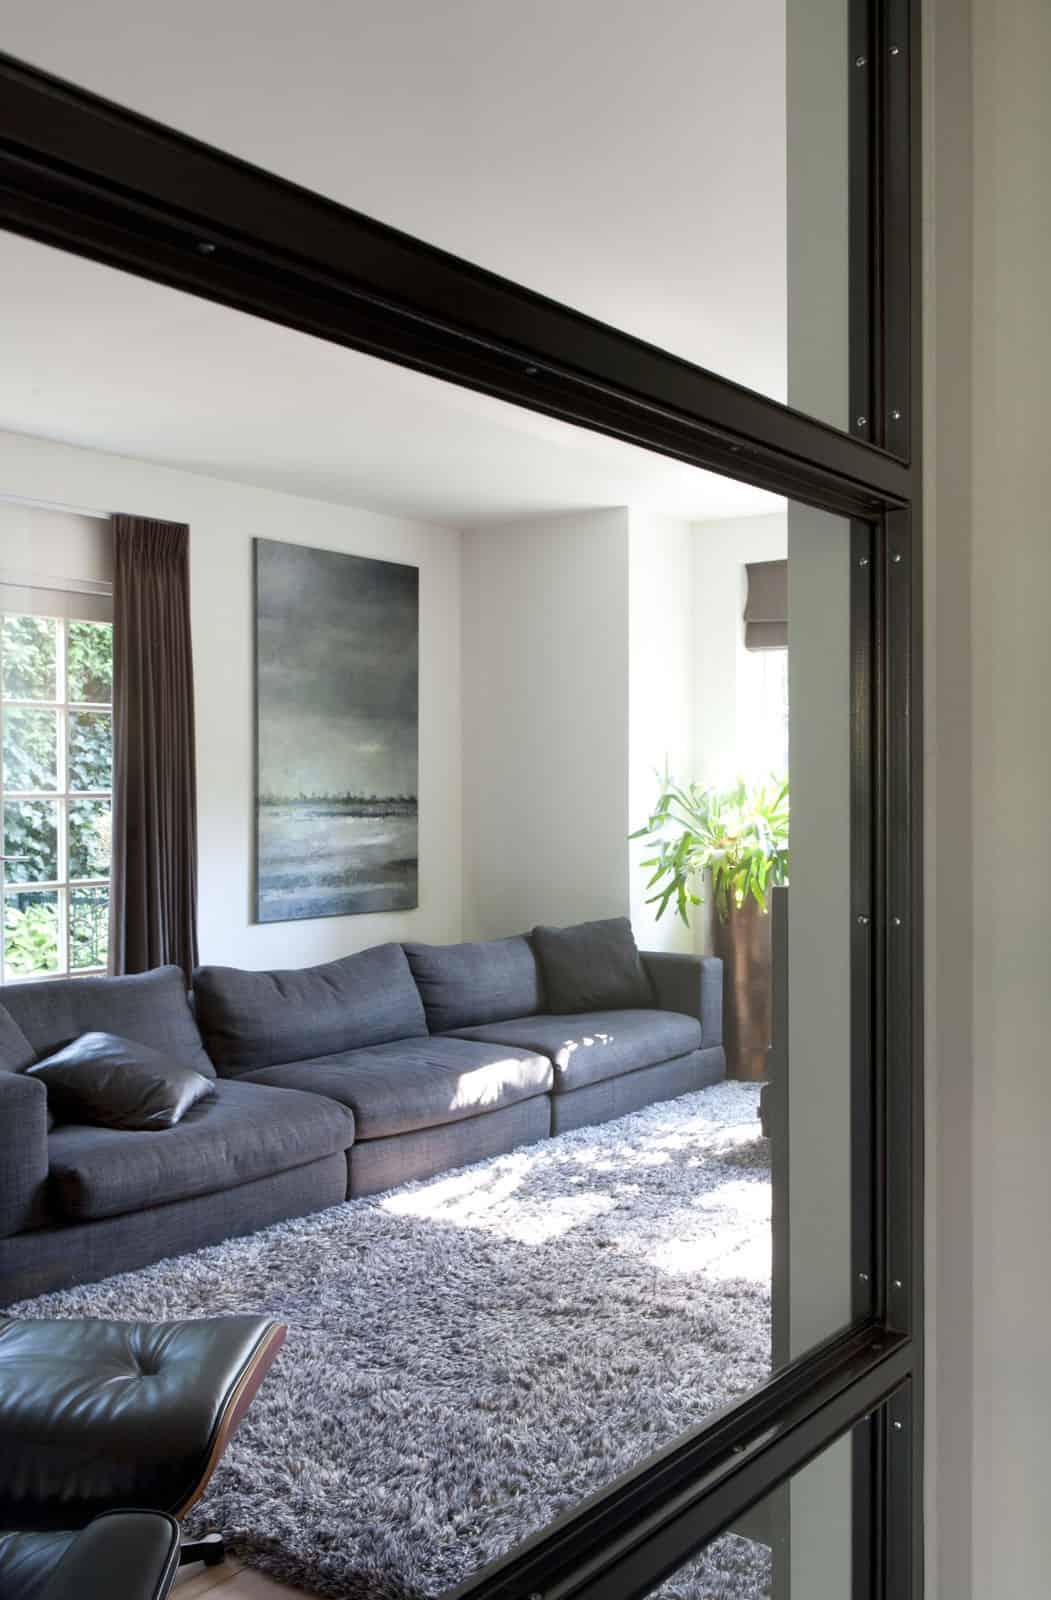 Villa in 'het Gooi' by Remy Meijers (1)